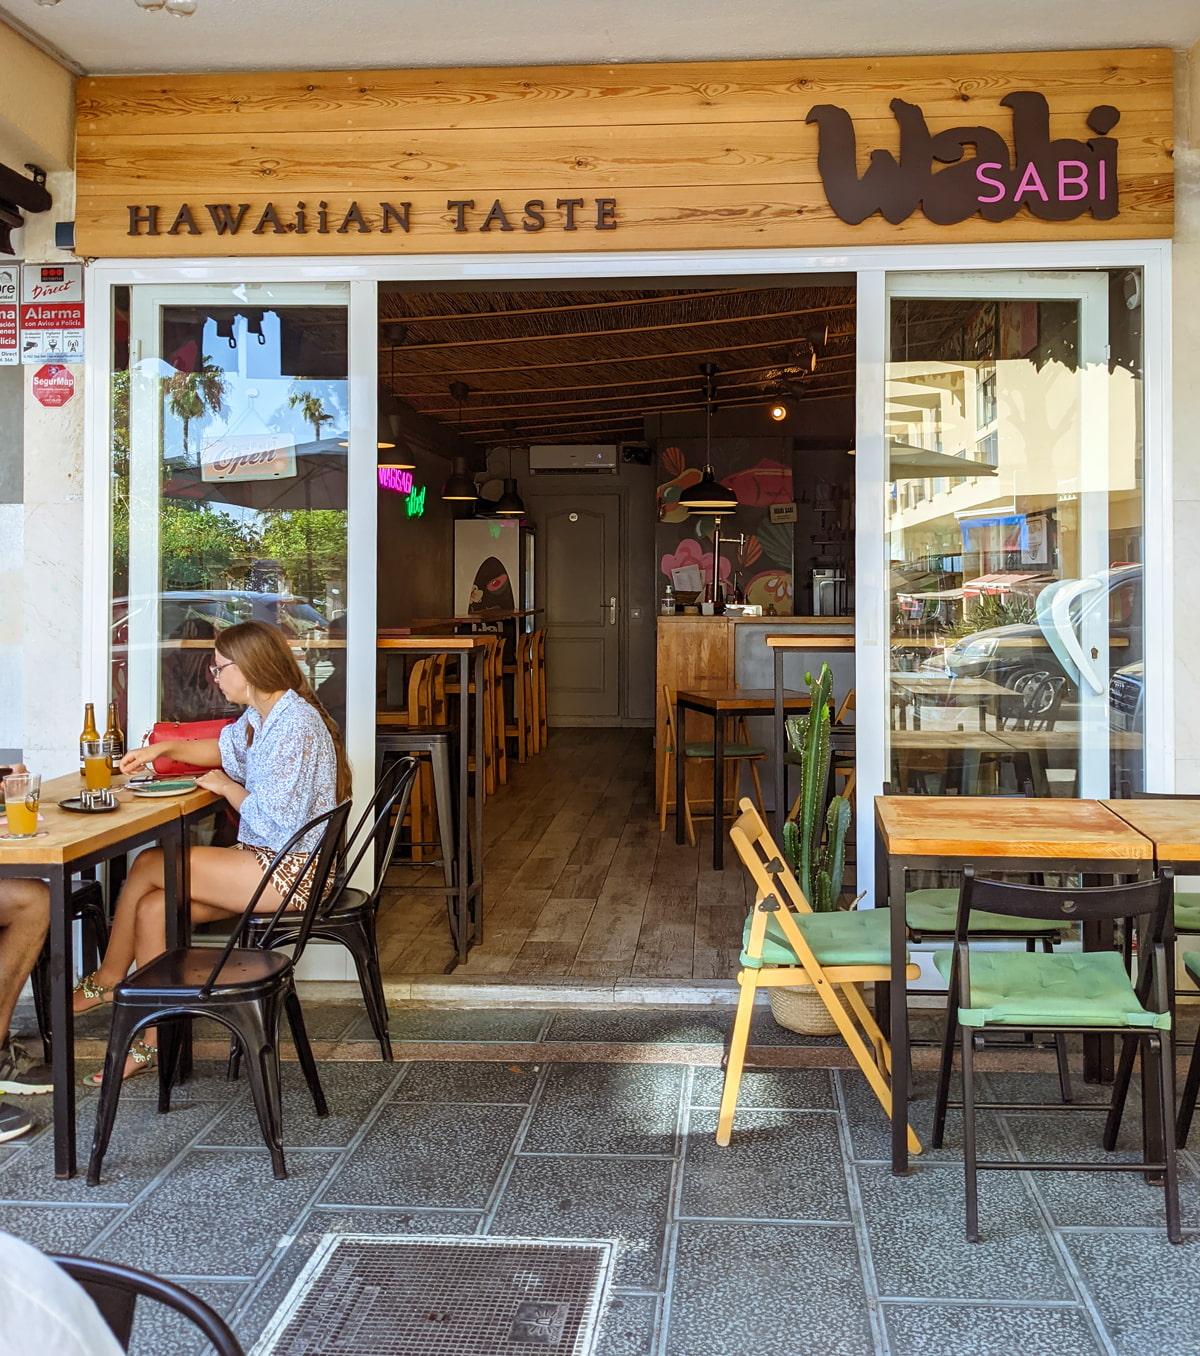 Restaurant with Hawaiian cuisine